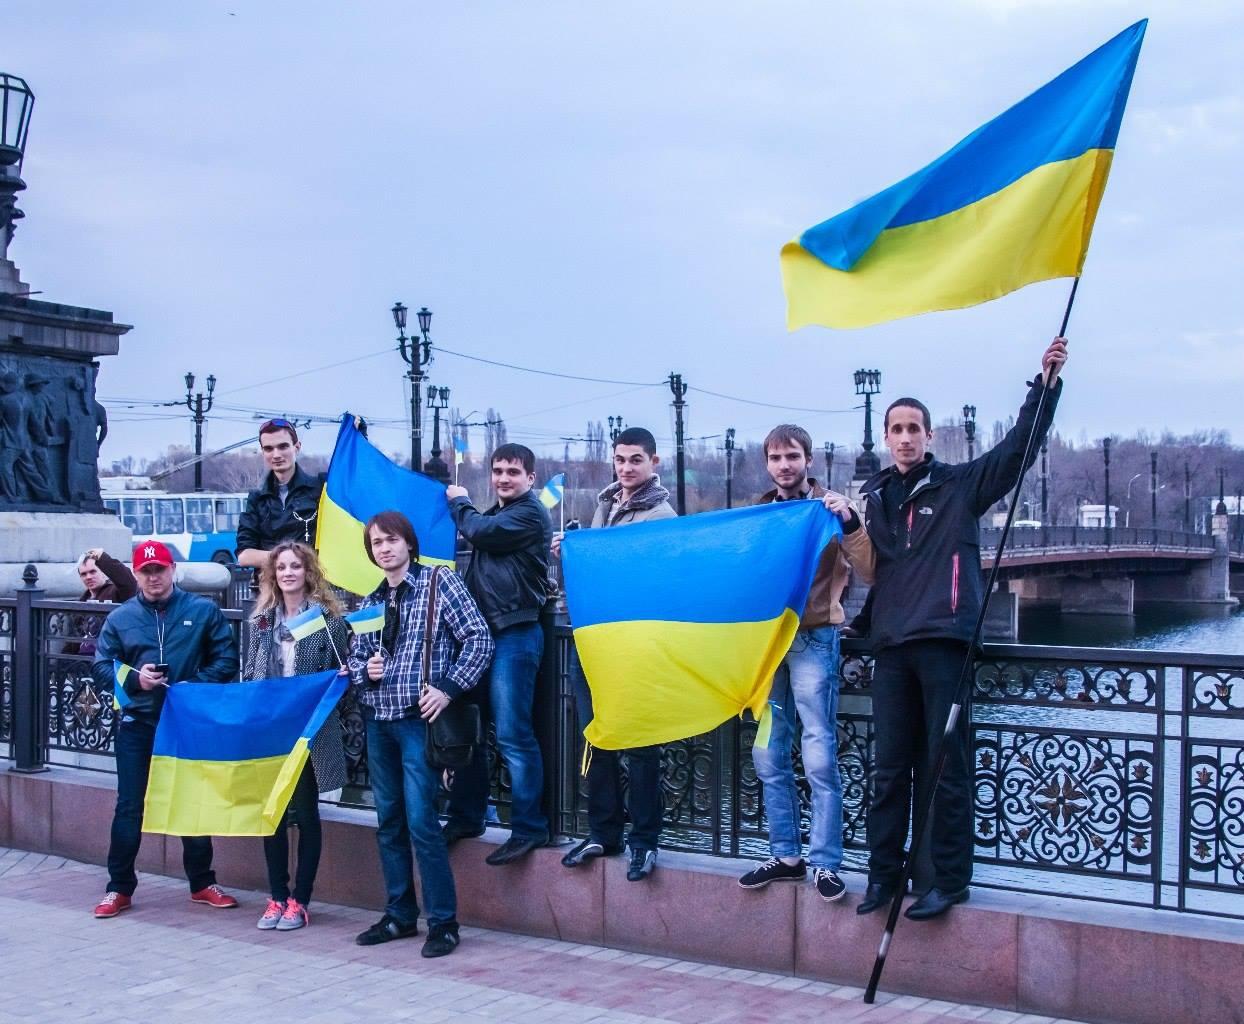 Ситуация в Донецке: новости, курс валют, цены на продукты 15.03.2016